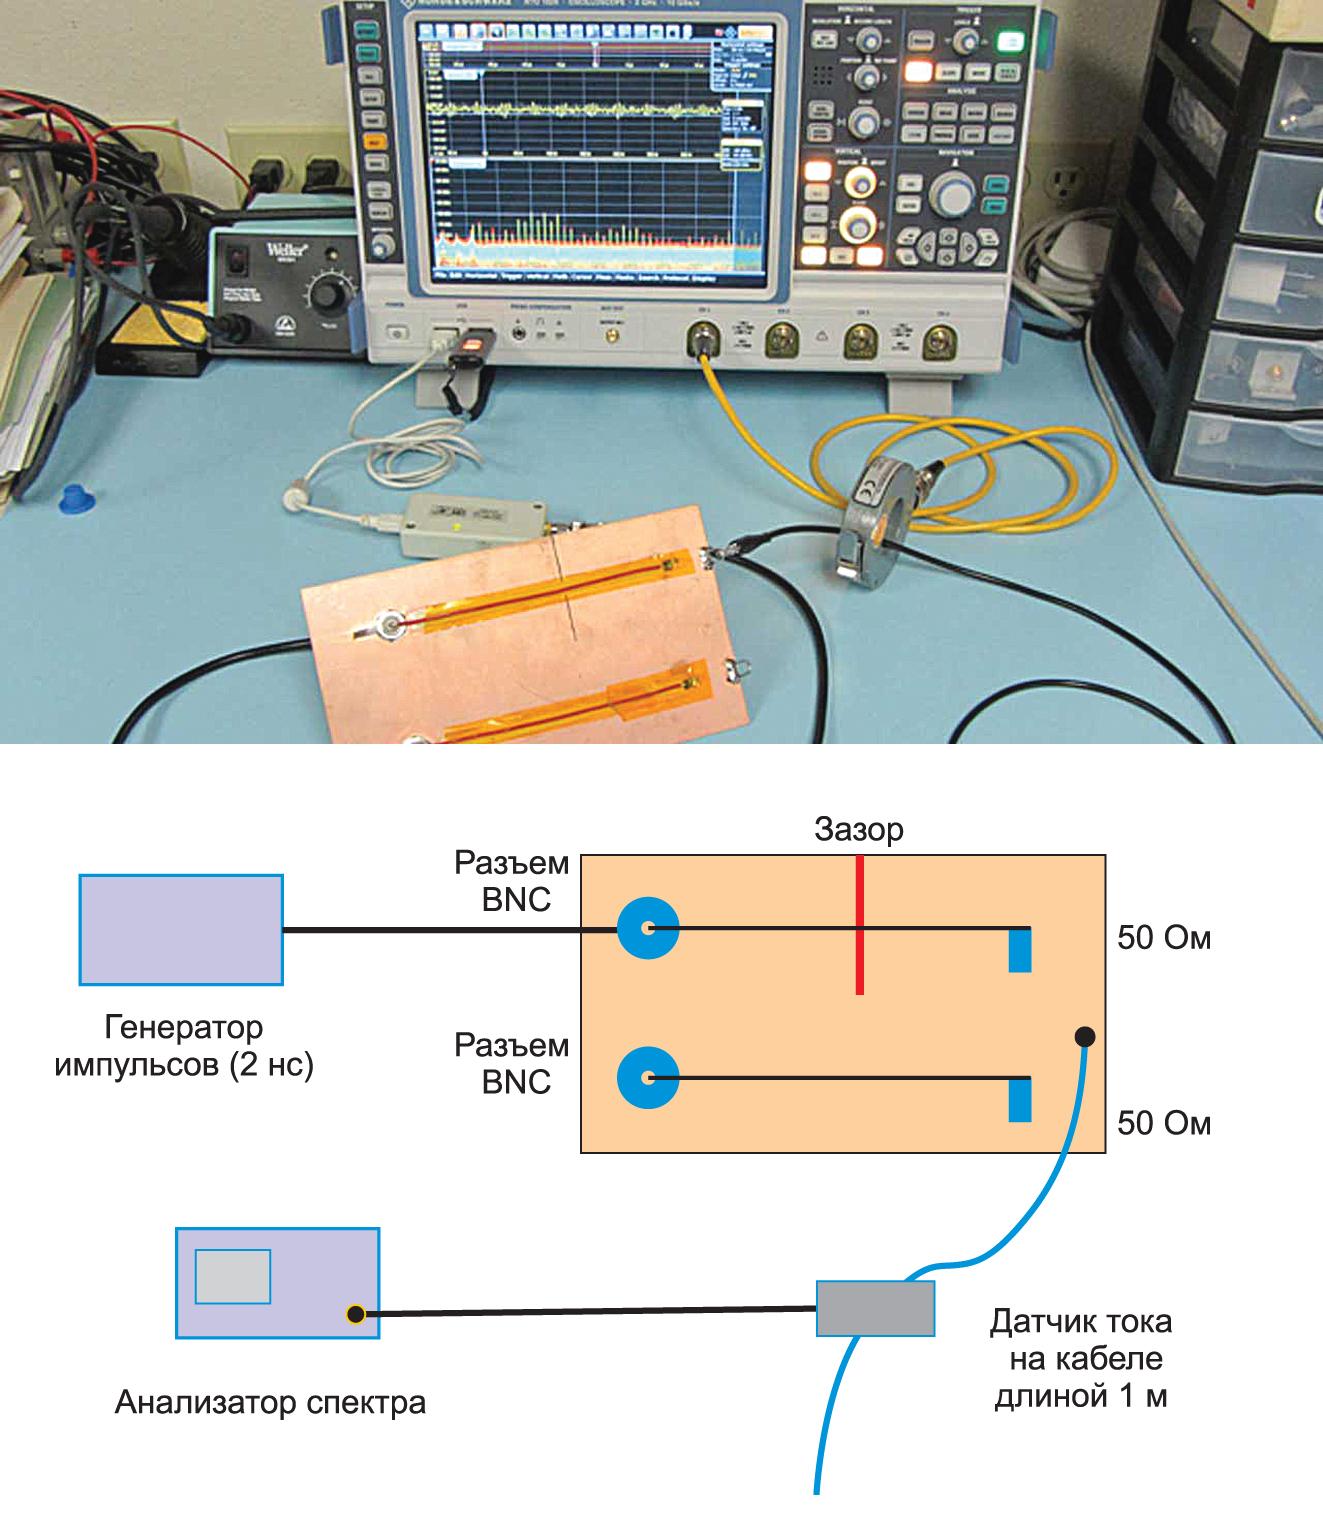 Демонстрационная установка и испытательная плата с линиями передачи, нагруженными на импеданс 50 Ом. В одной линии передачи имеется зазор в плоскости обратного тока, а в другой отсутствует